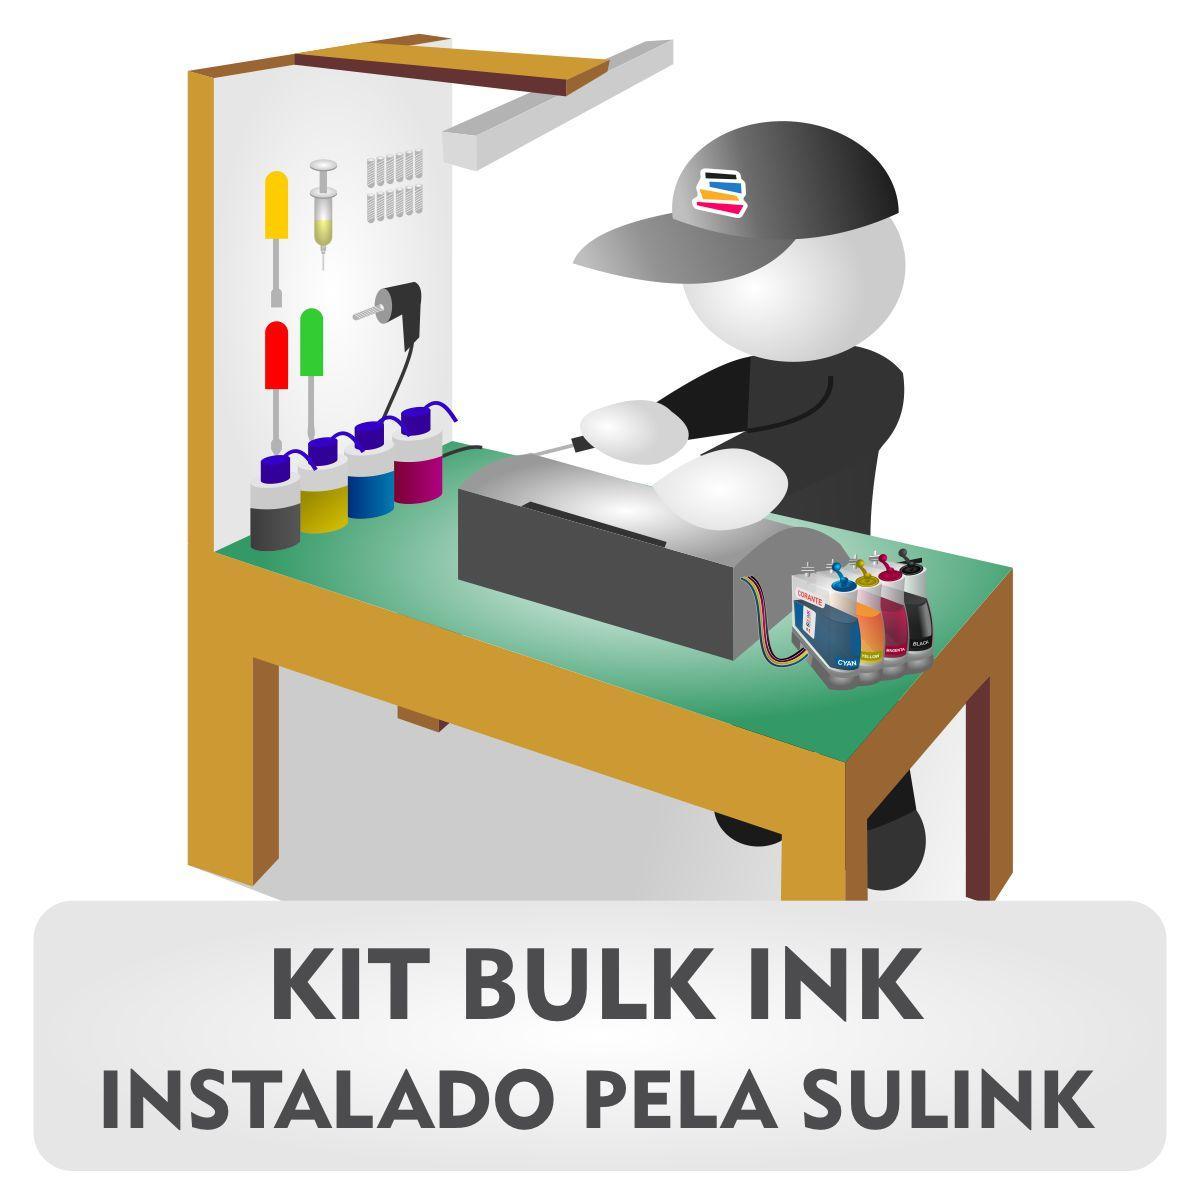 INSTALADO - Bulk Ink para HP Officejet 7110 A3 - 250ml 4 Cores Corante HP Série PRO | Instalado pela Sulink (Sem Cartucho - Utilizar Original HP do Cliente)